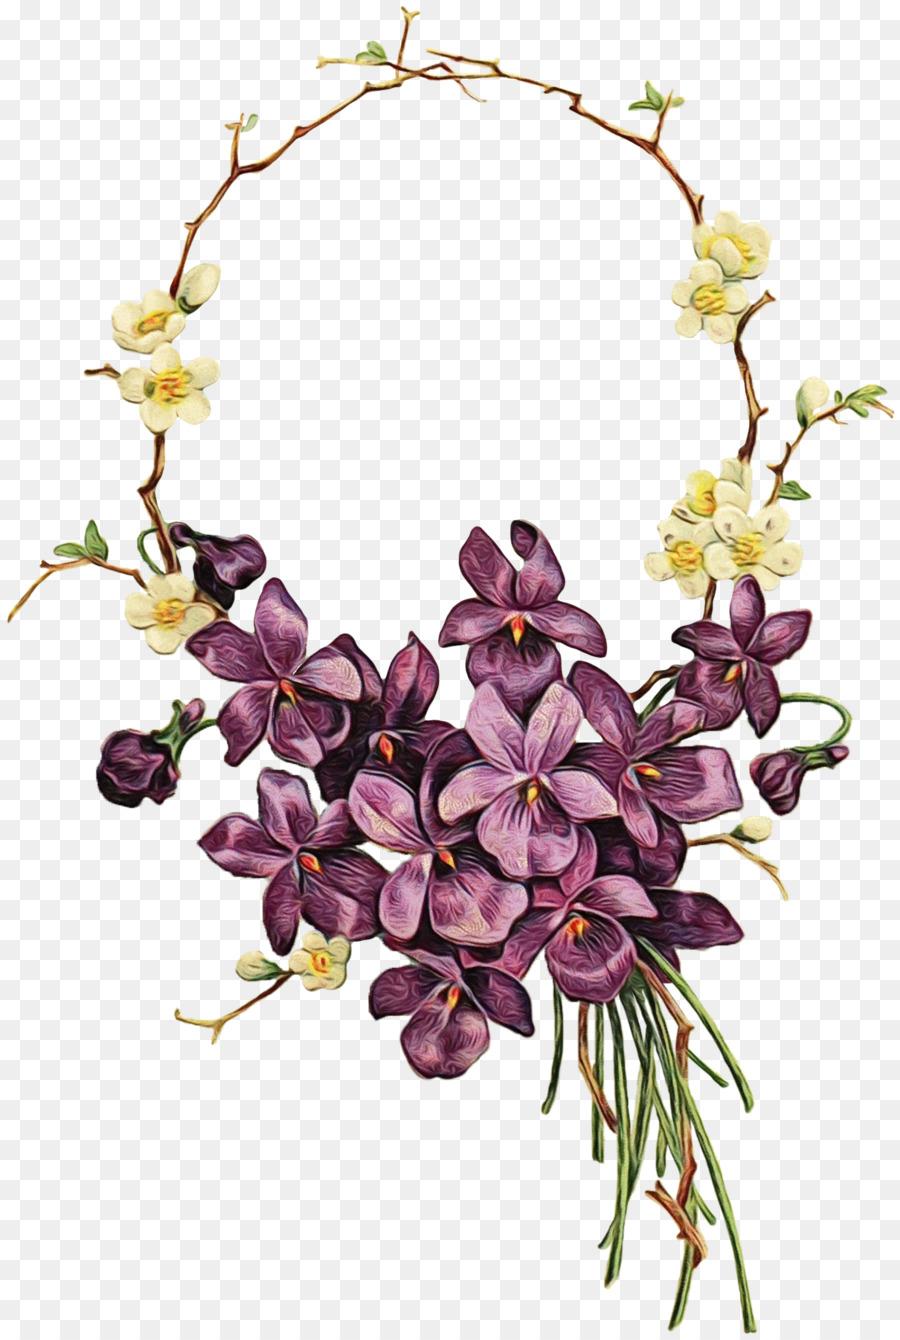 Descarga gratuita de Flor, Planta, Lila imágenes PNG